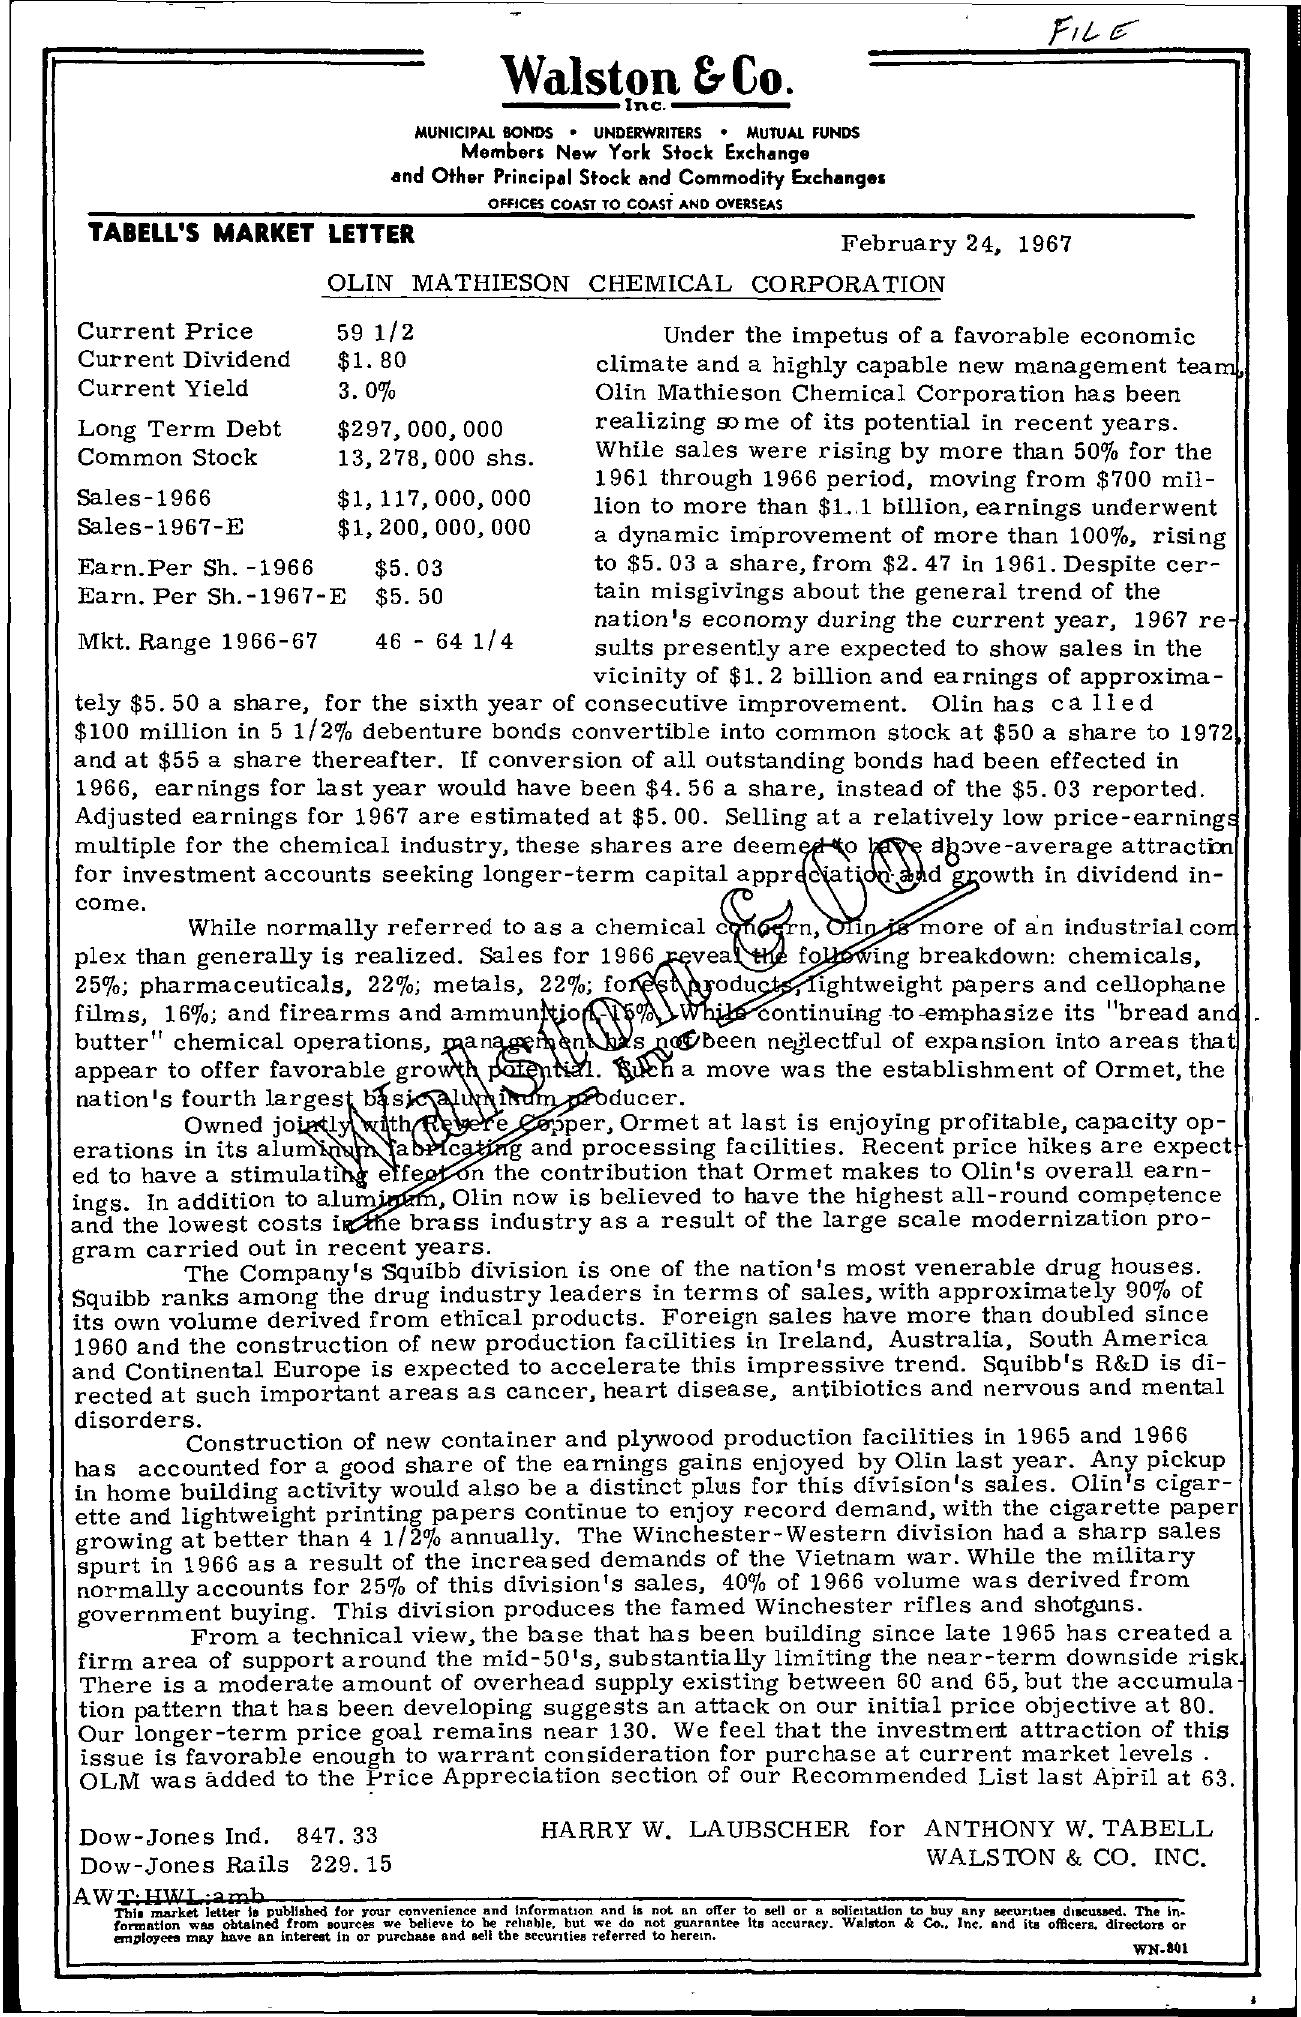 Tabell's Market Letter - February 24, 1967